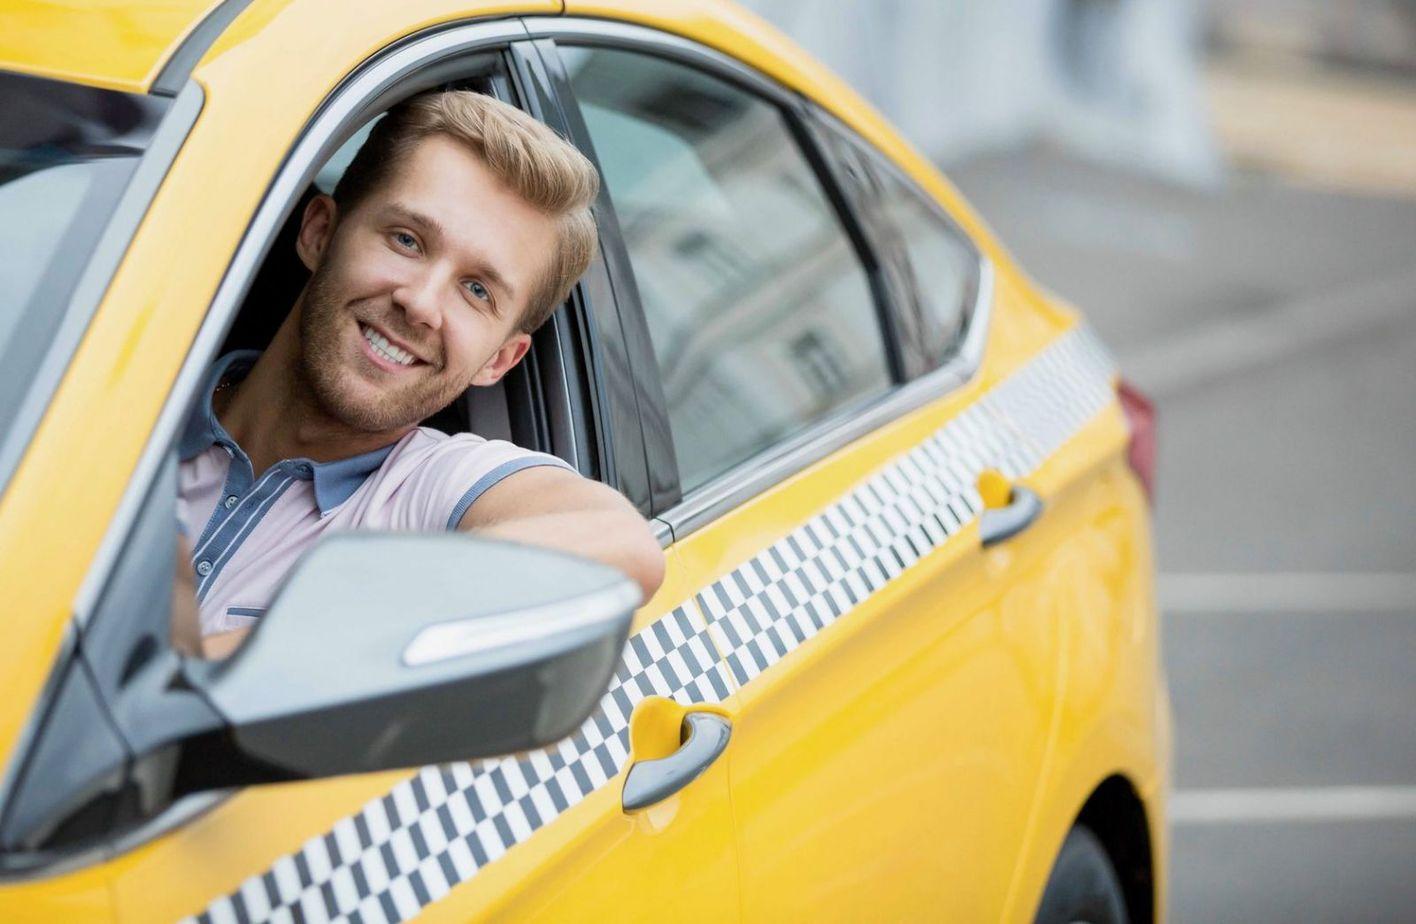 Плюсы и минусы работы водителем